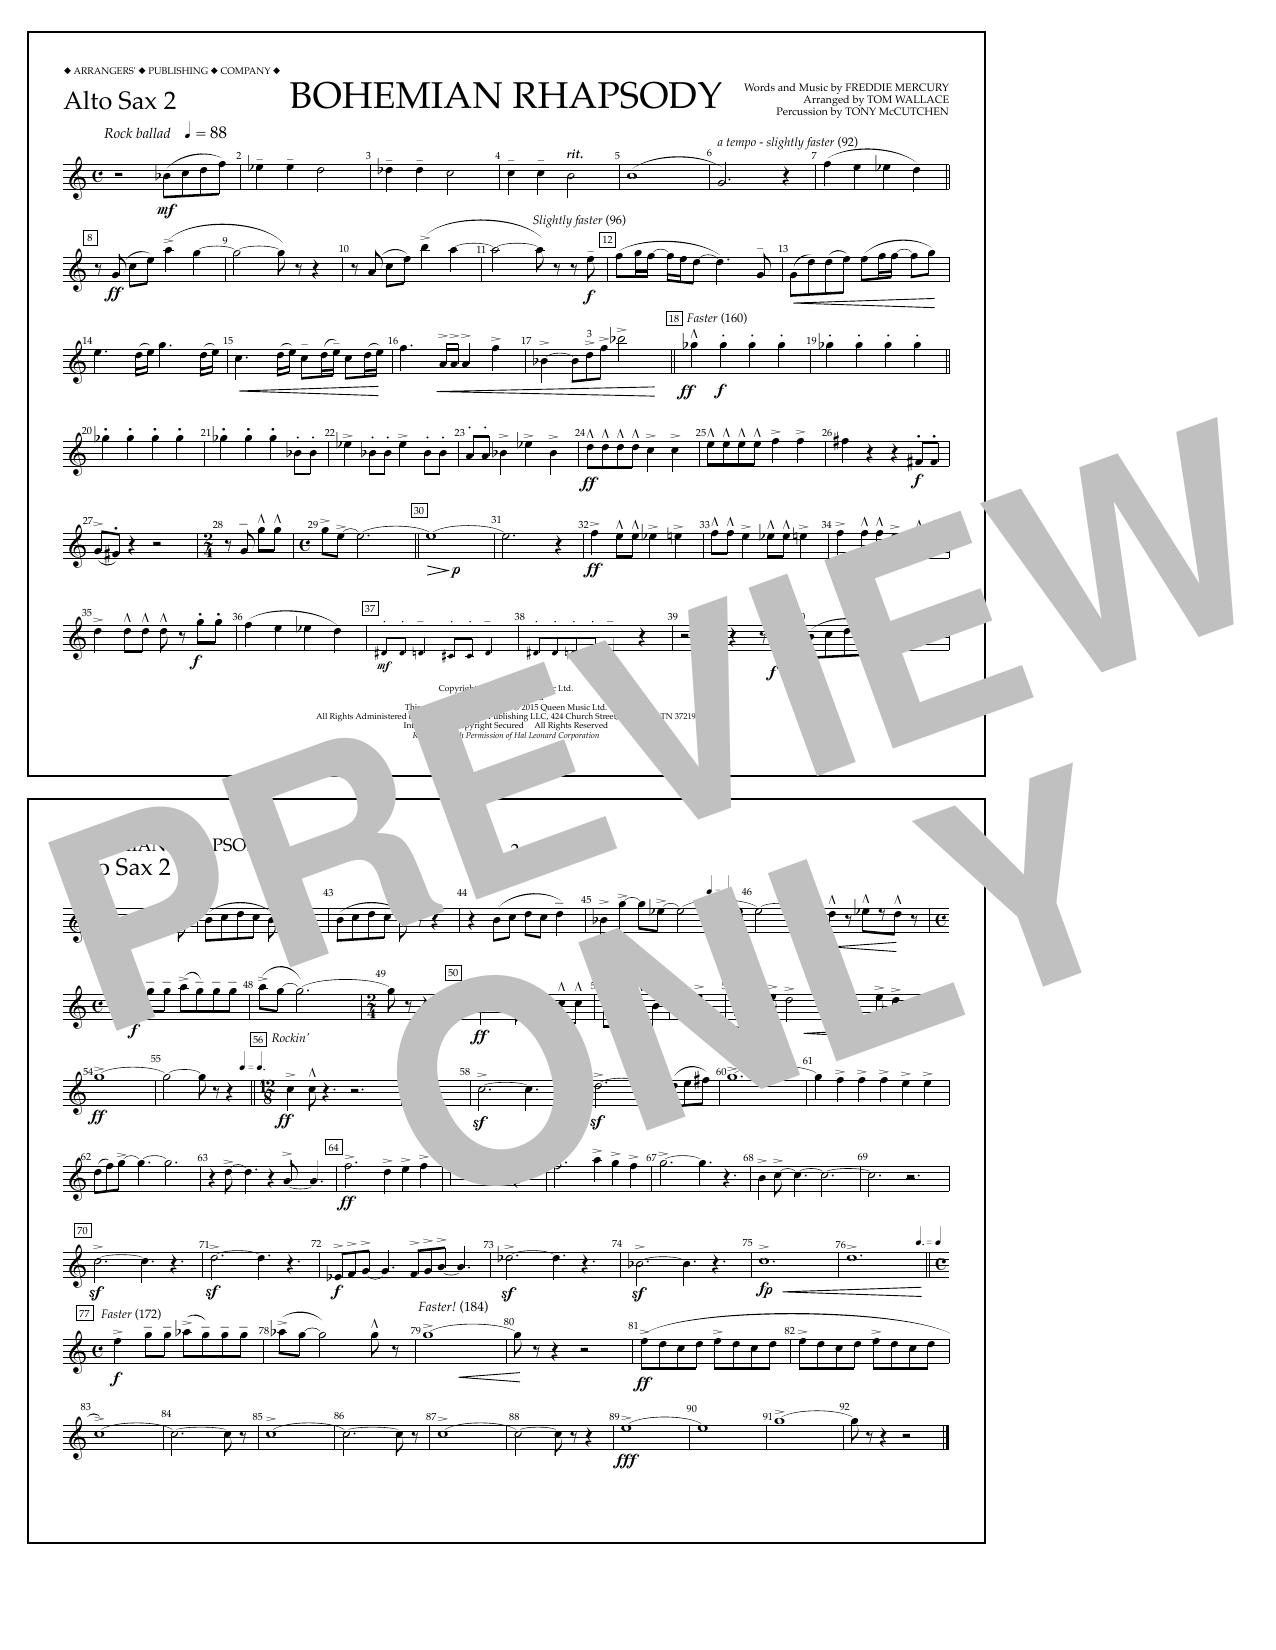 Bohemian Rhapsody - Alto Sax 2 Sheet Music